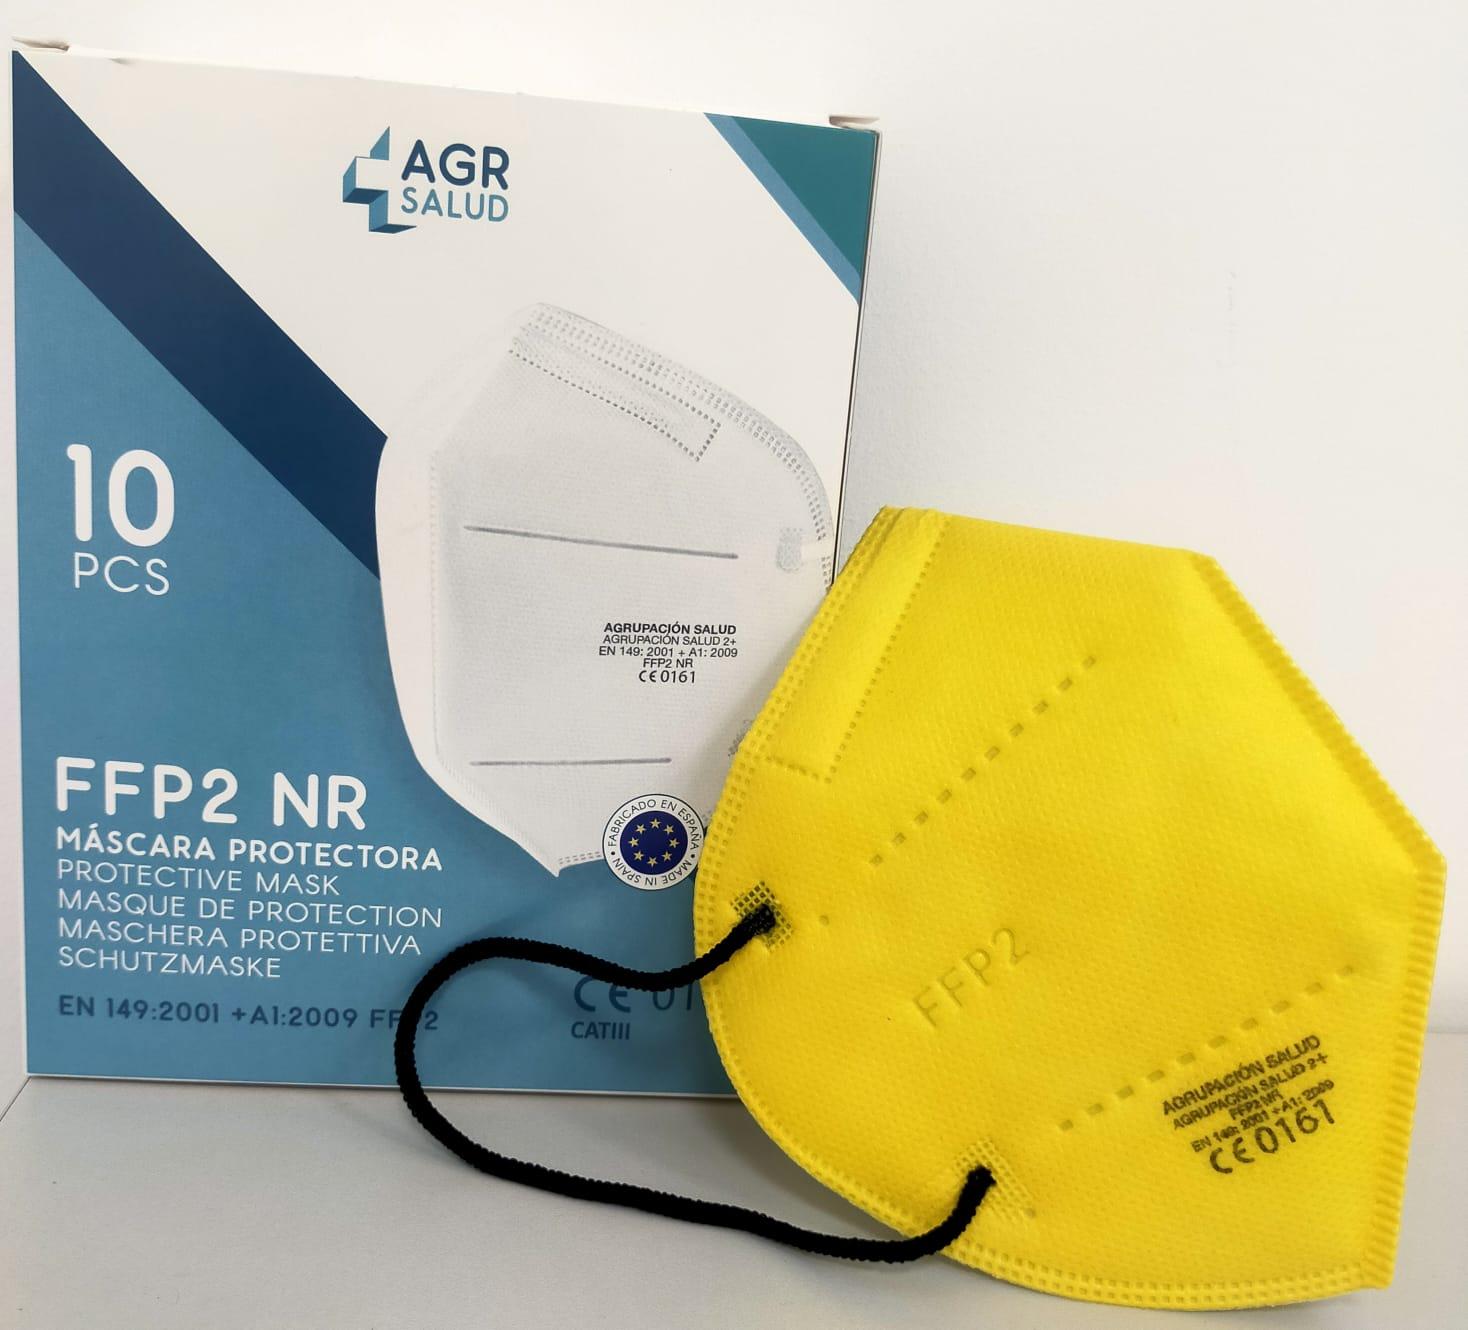 Mascarillas FFP2 Amarillas. Caja de 10 unidades.